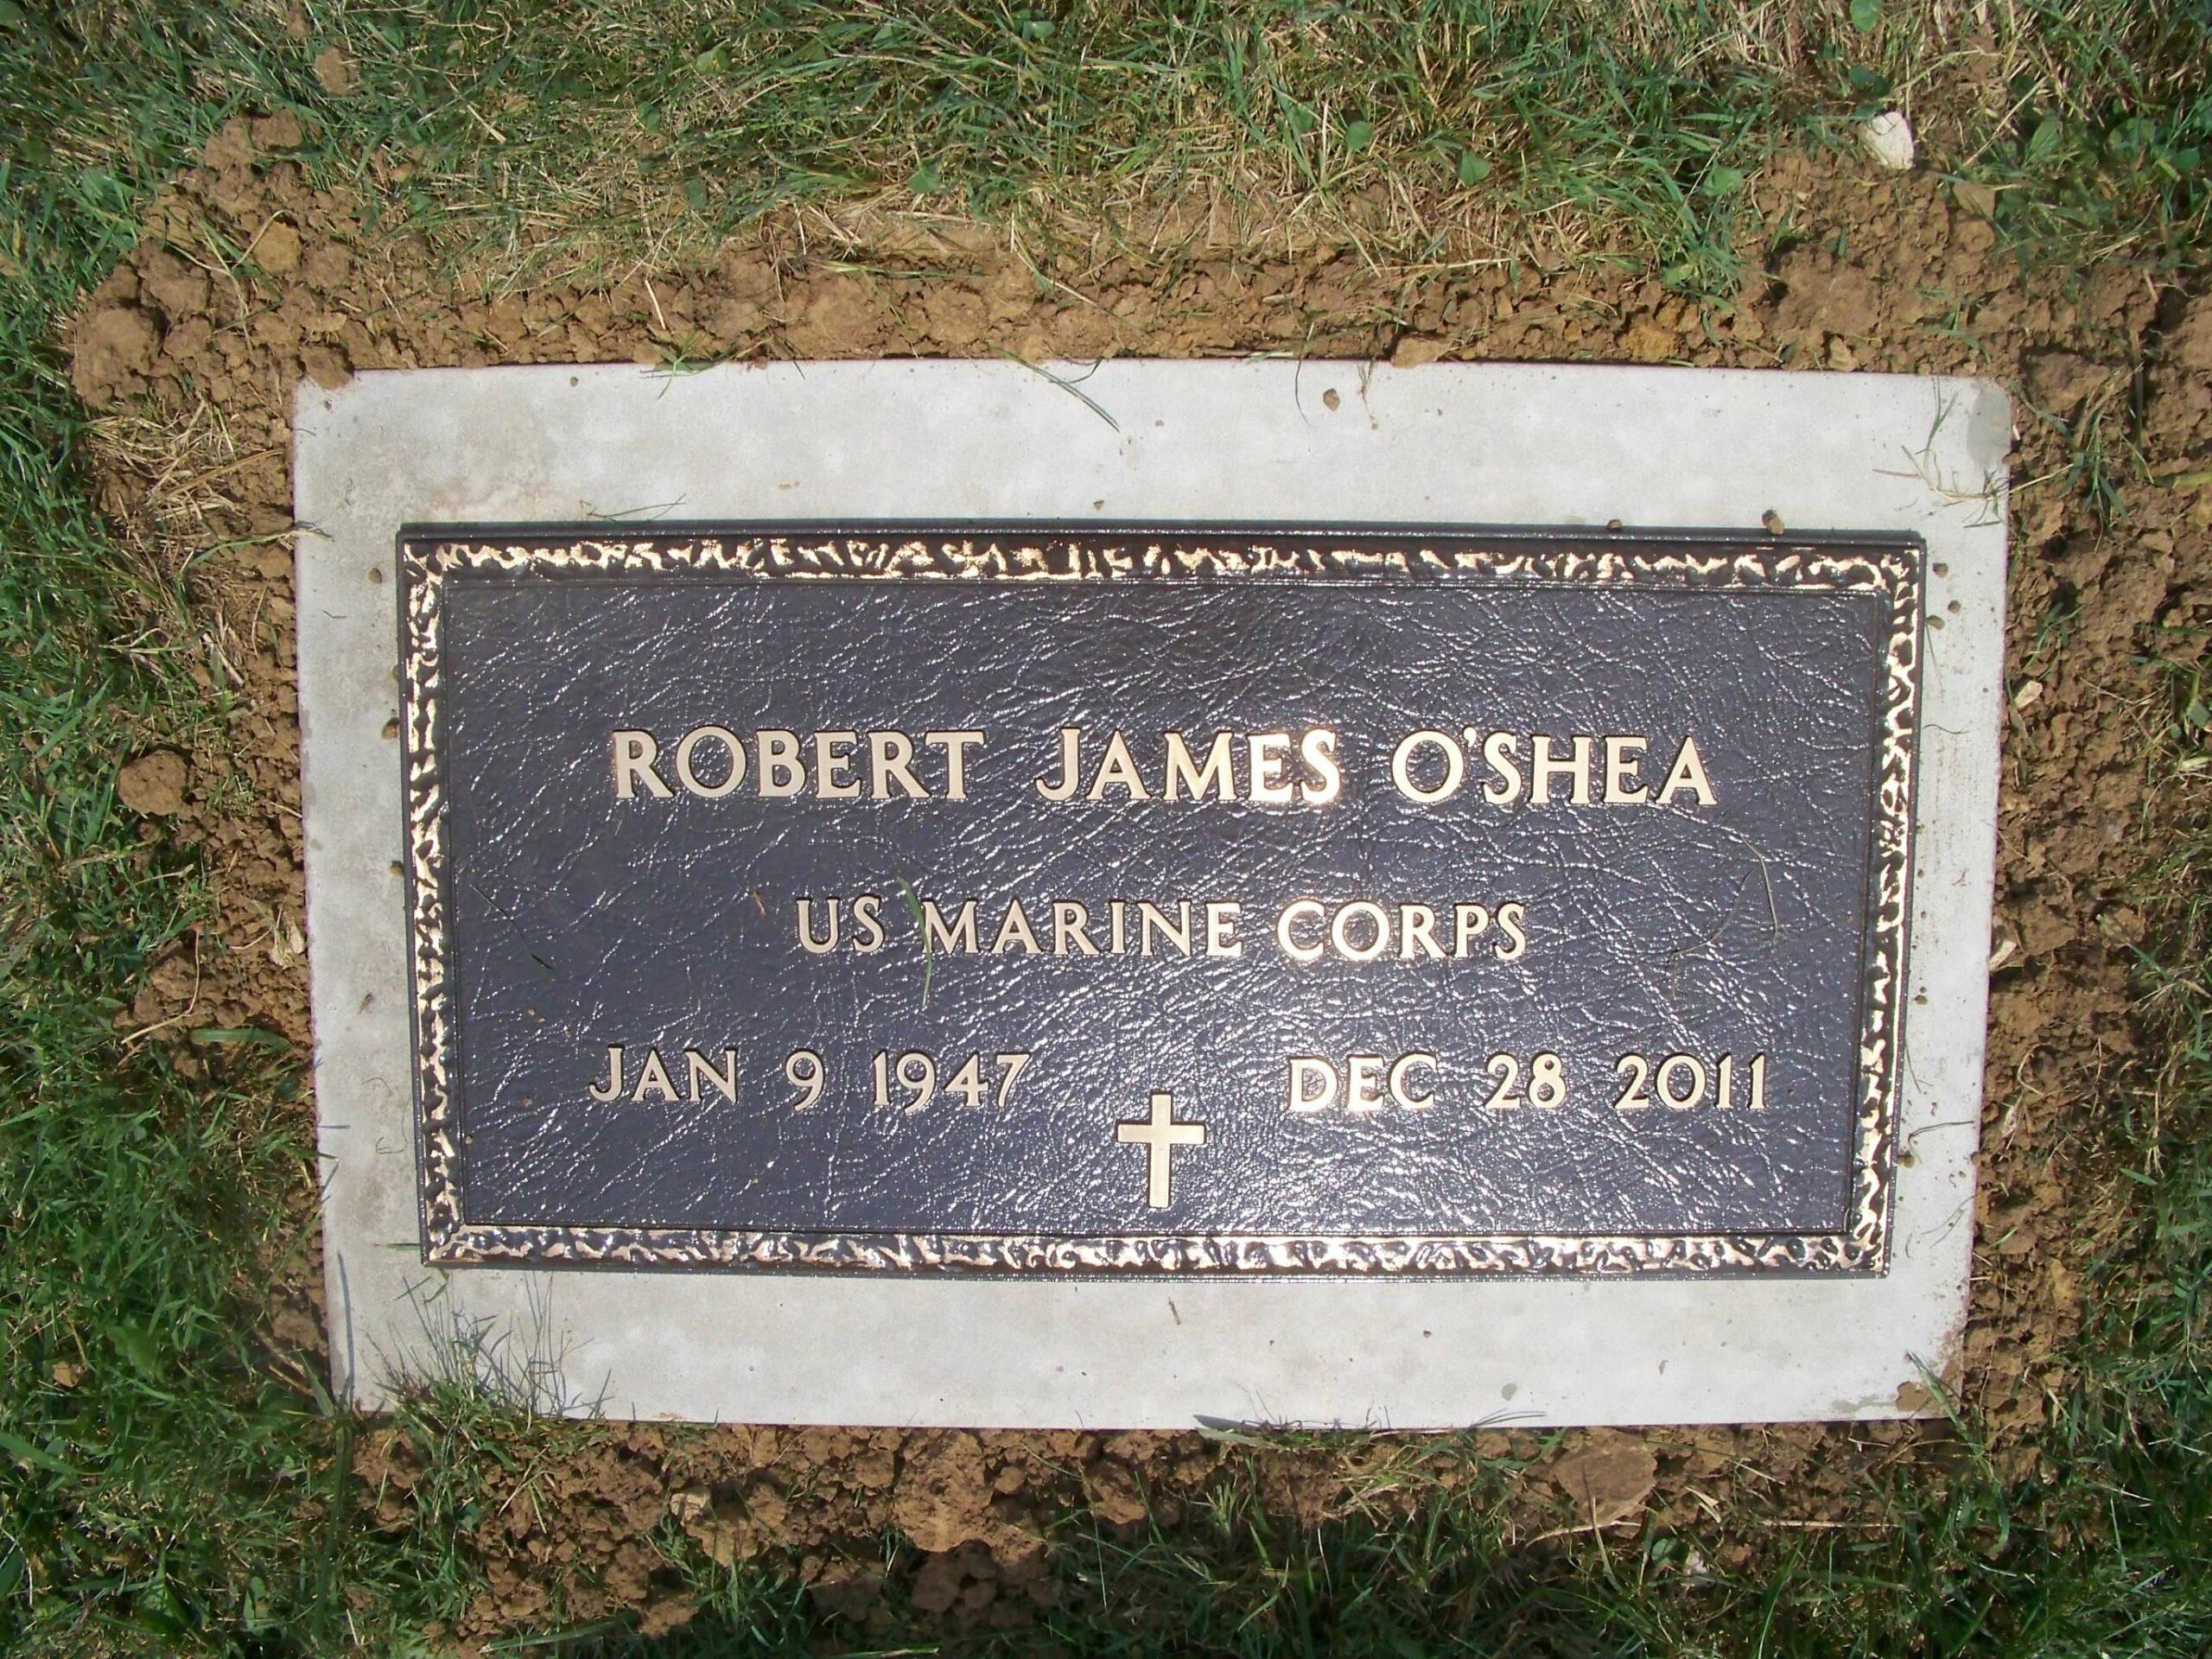 O'Shea, Robert J. - Cumberland - VA Plaque